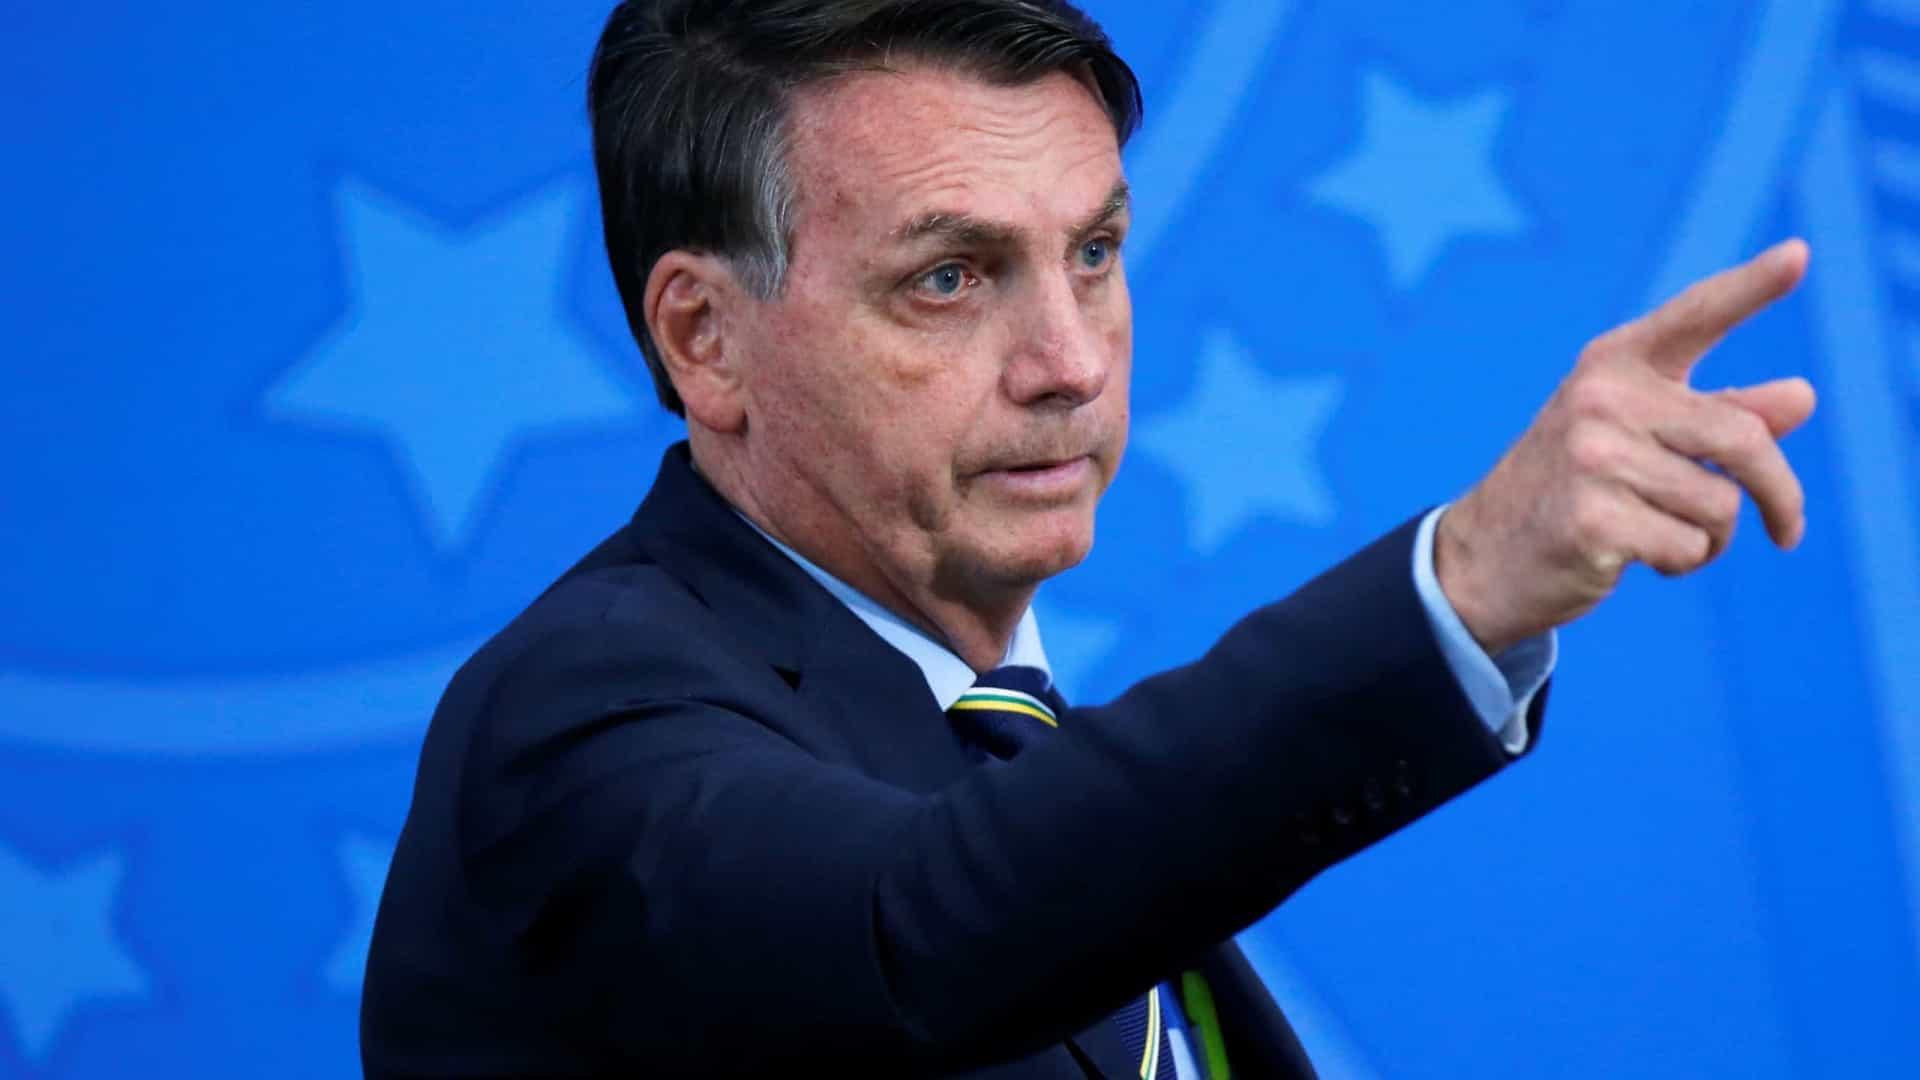 'Ninguém vai querer dar o golpe para cima de mim, não', diz Bolsonaro